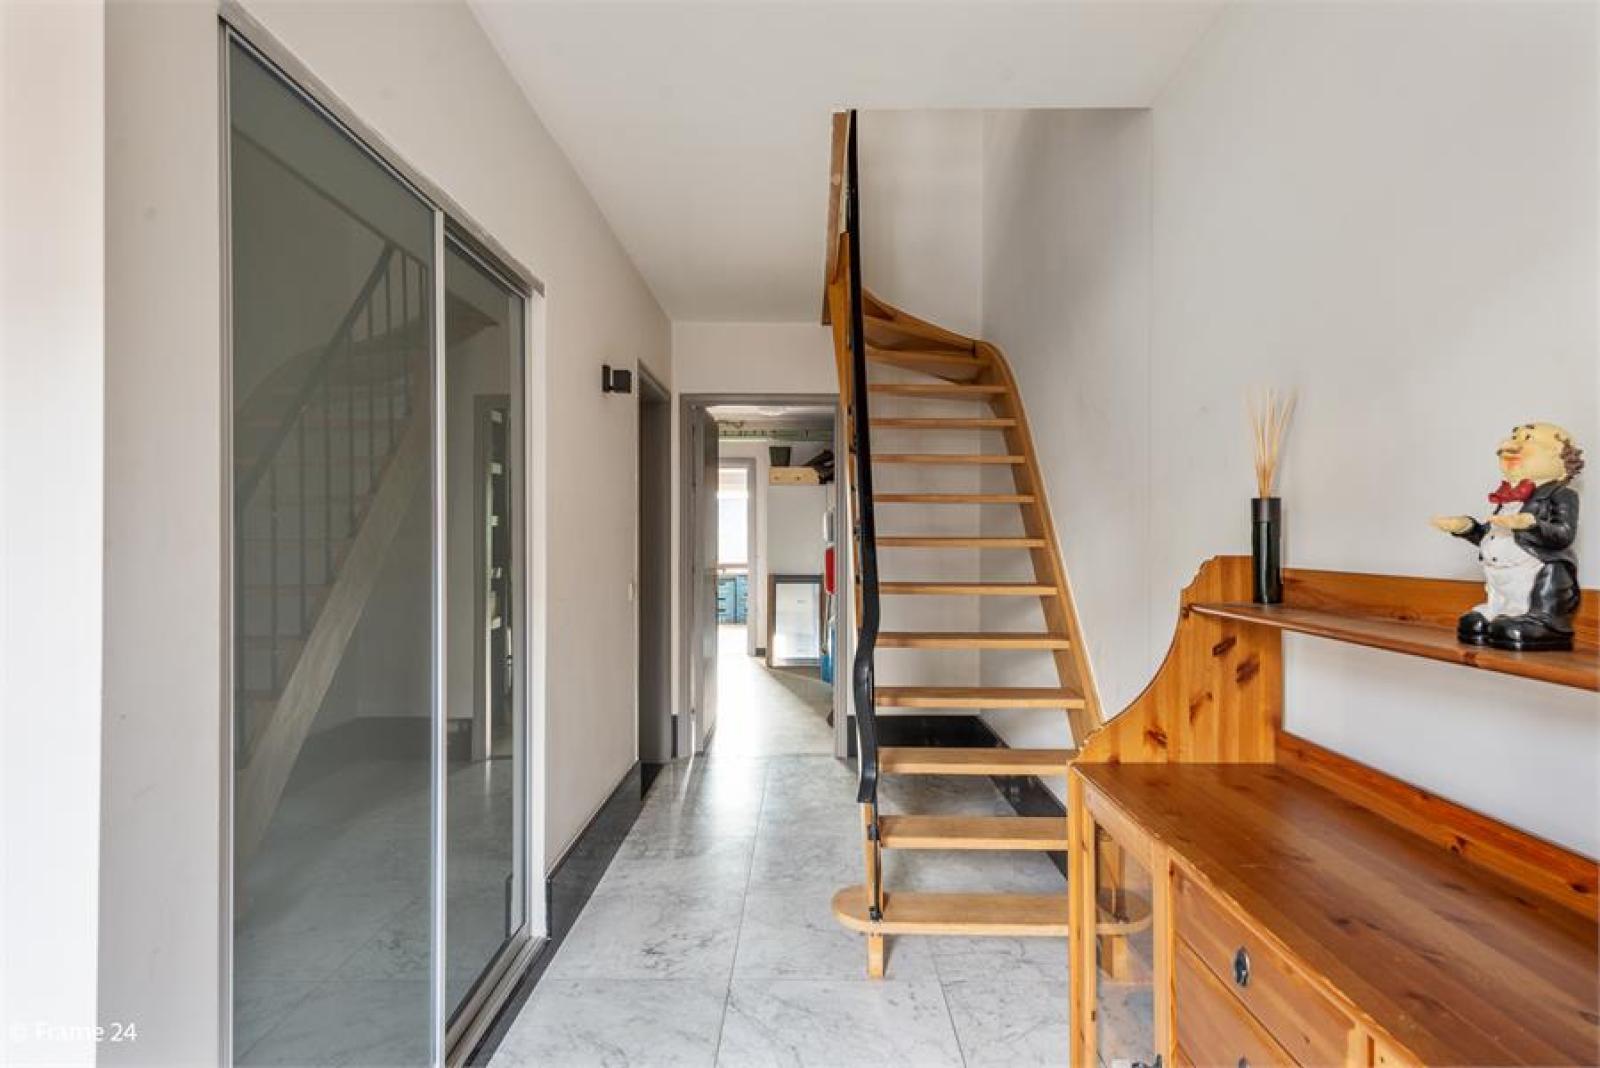 Verzorgde bel-étage met 3 slaapkamers, tuin en garage nabij centrum Wijnegem gelegen. afbeelding 2